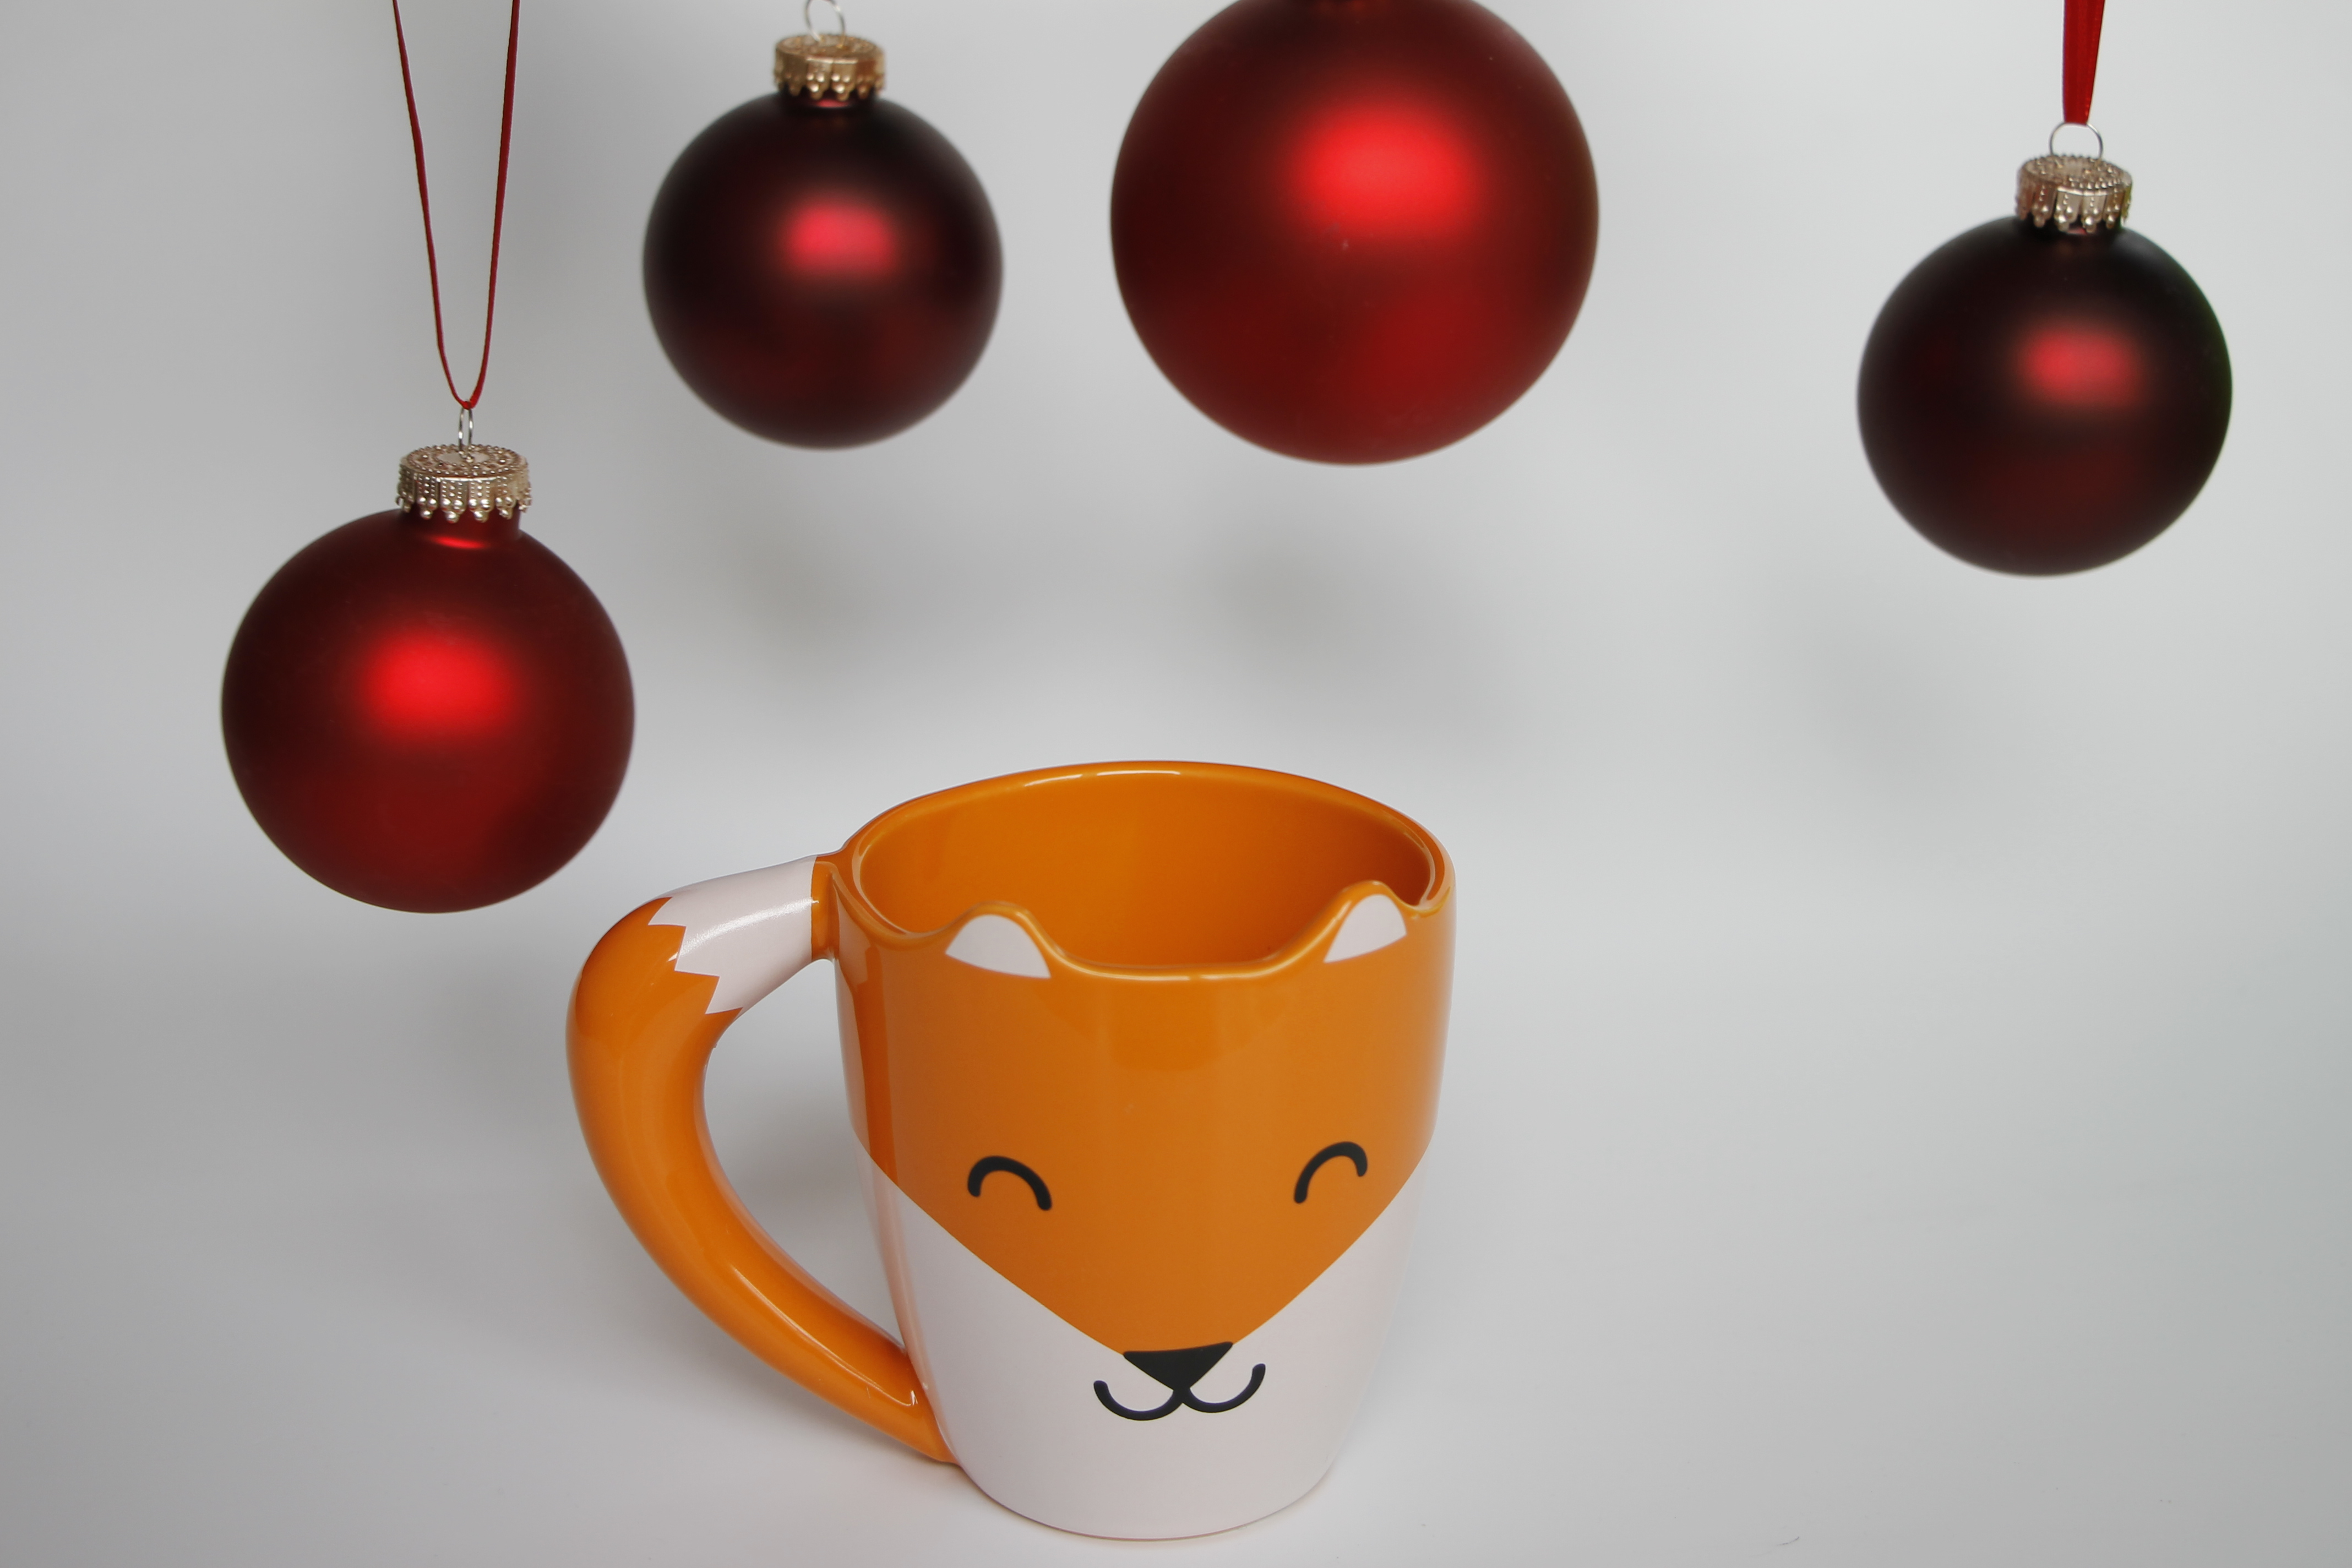 Geschenkideen Für Weihnachten.Weihnachtsgeschenke Und Geschenkideen Für Weihnachten Lavendelblog